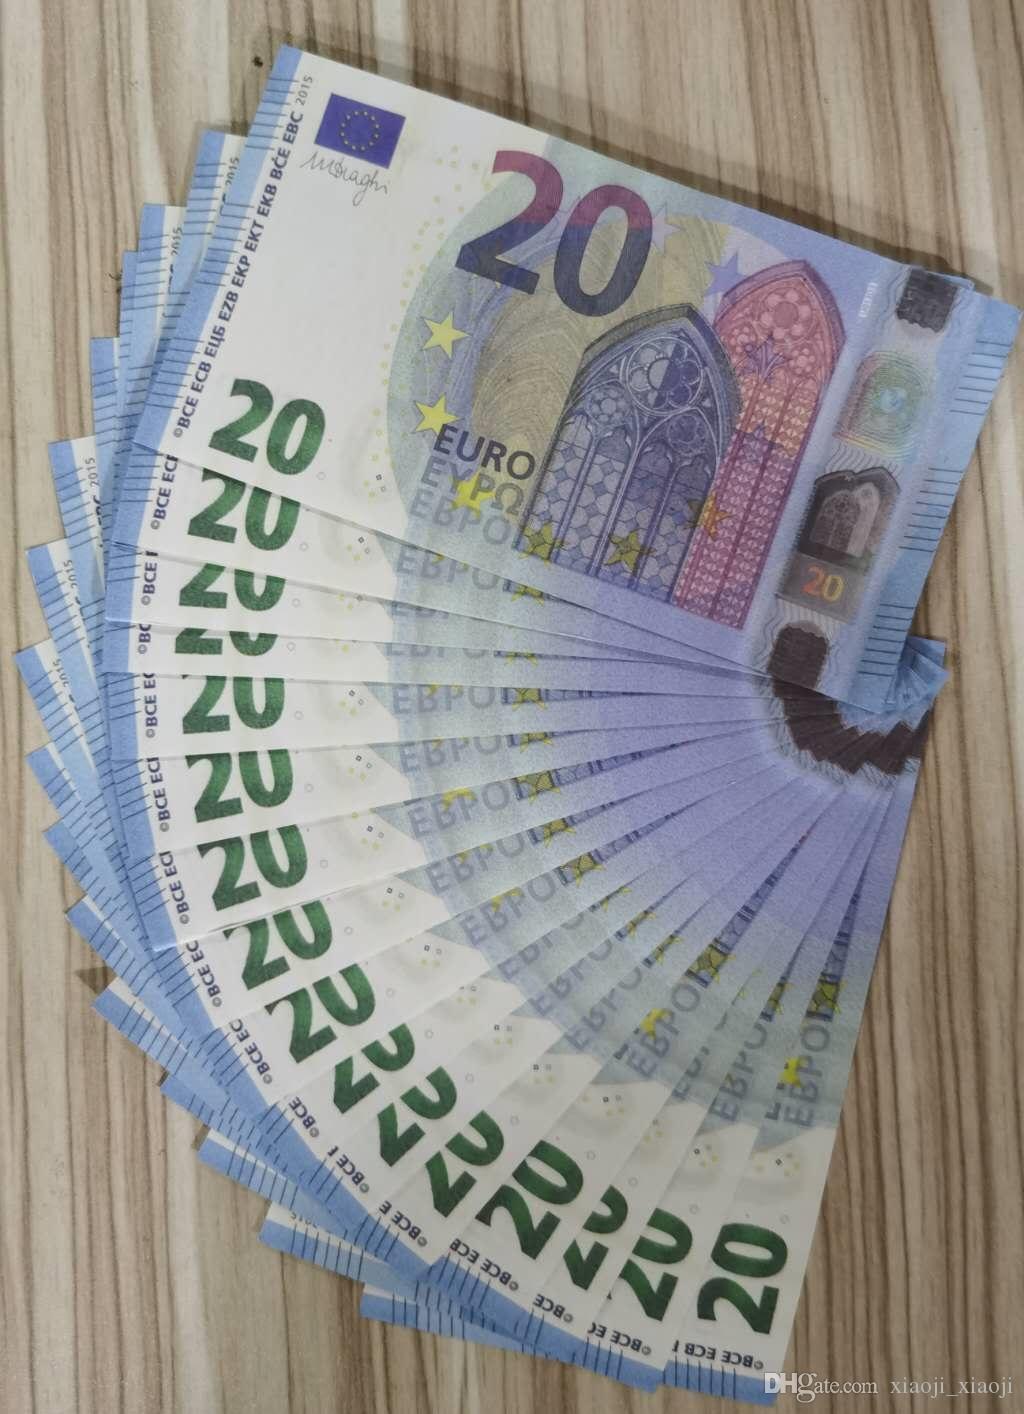 Dollar prop prop prop stim bar 20 spiel requiat spiele euro erwachsene währung euro kinder film special spielzeug realistische bühne pund geld jcpwn